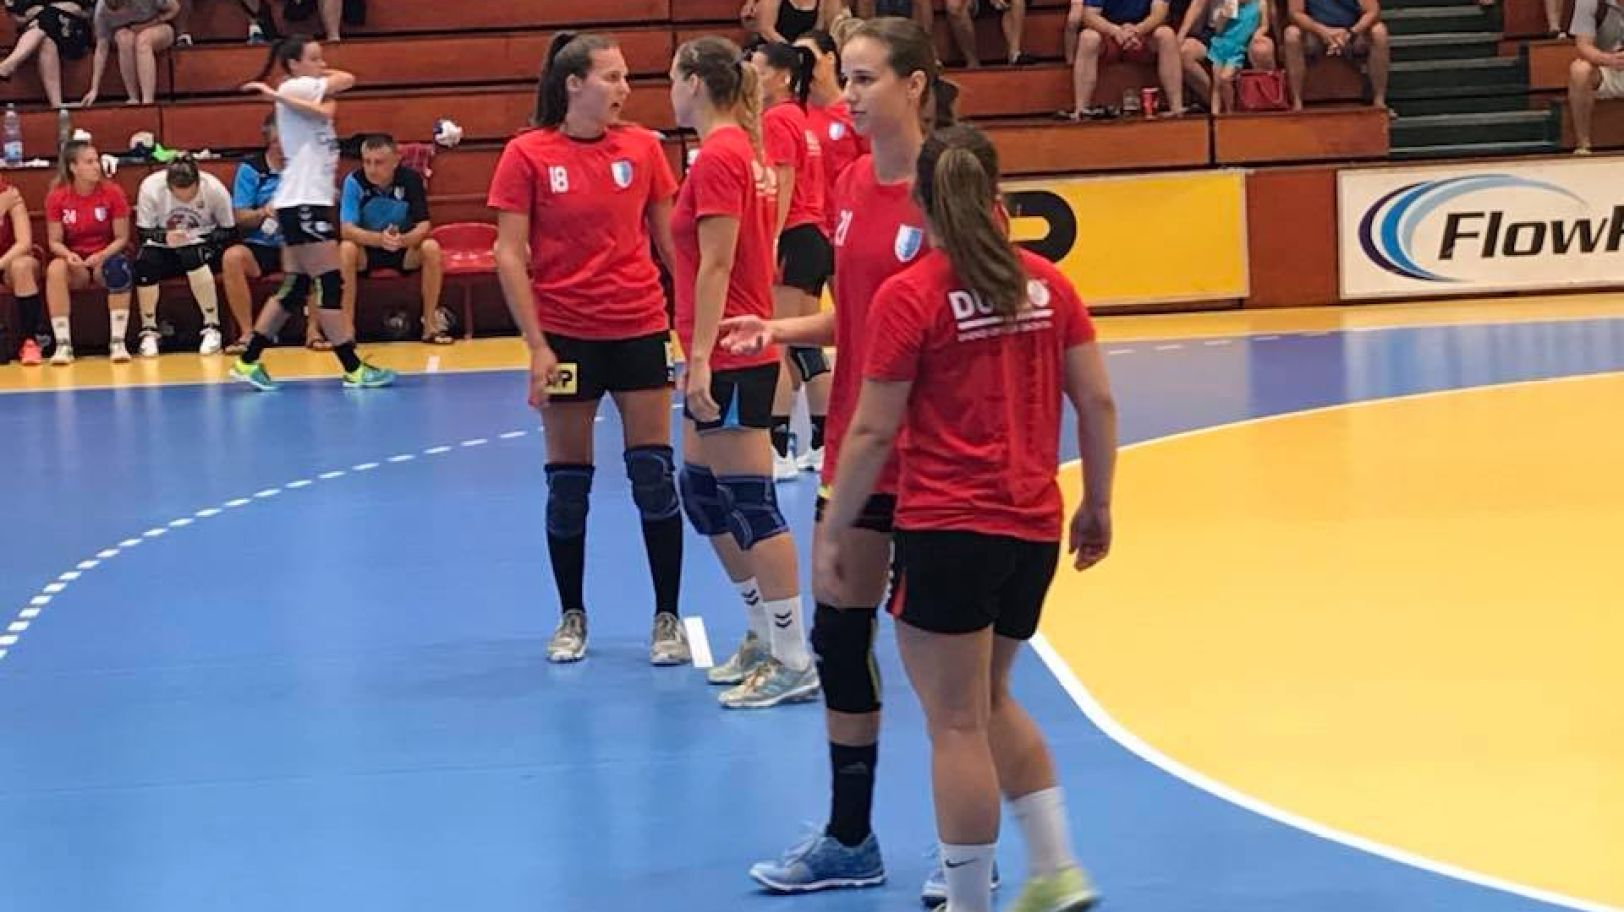 MOL liga: Šaľa v Moste naprázdno, slovenské kluby v sobotu bez bodov